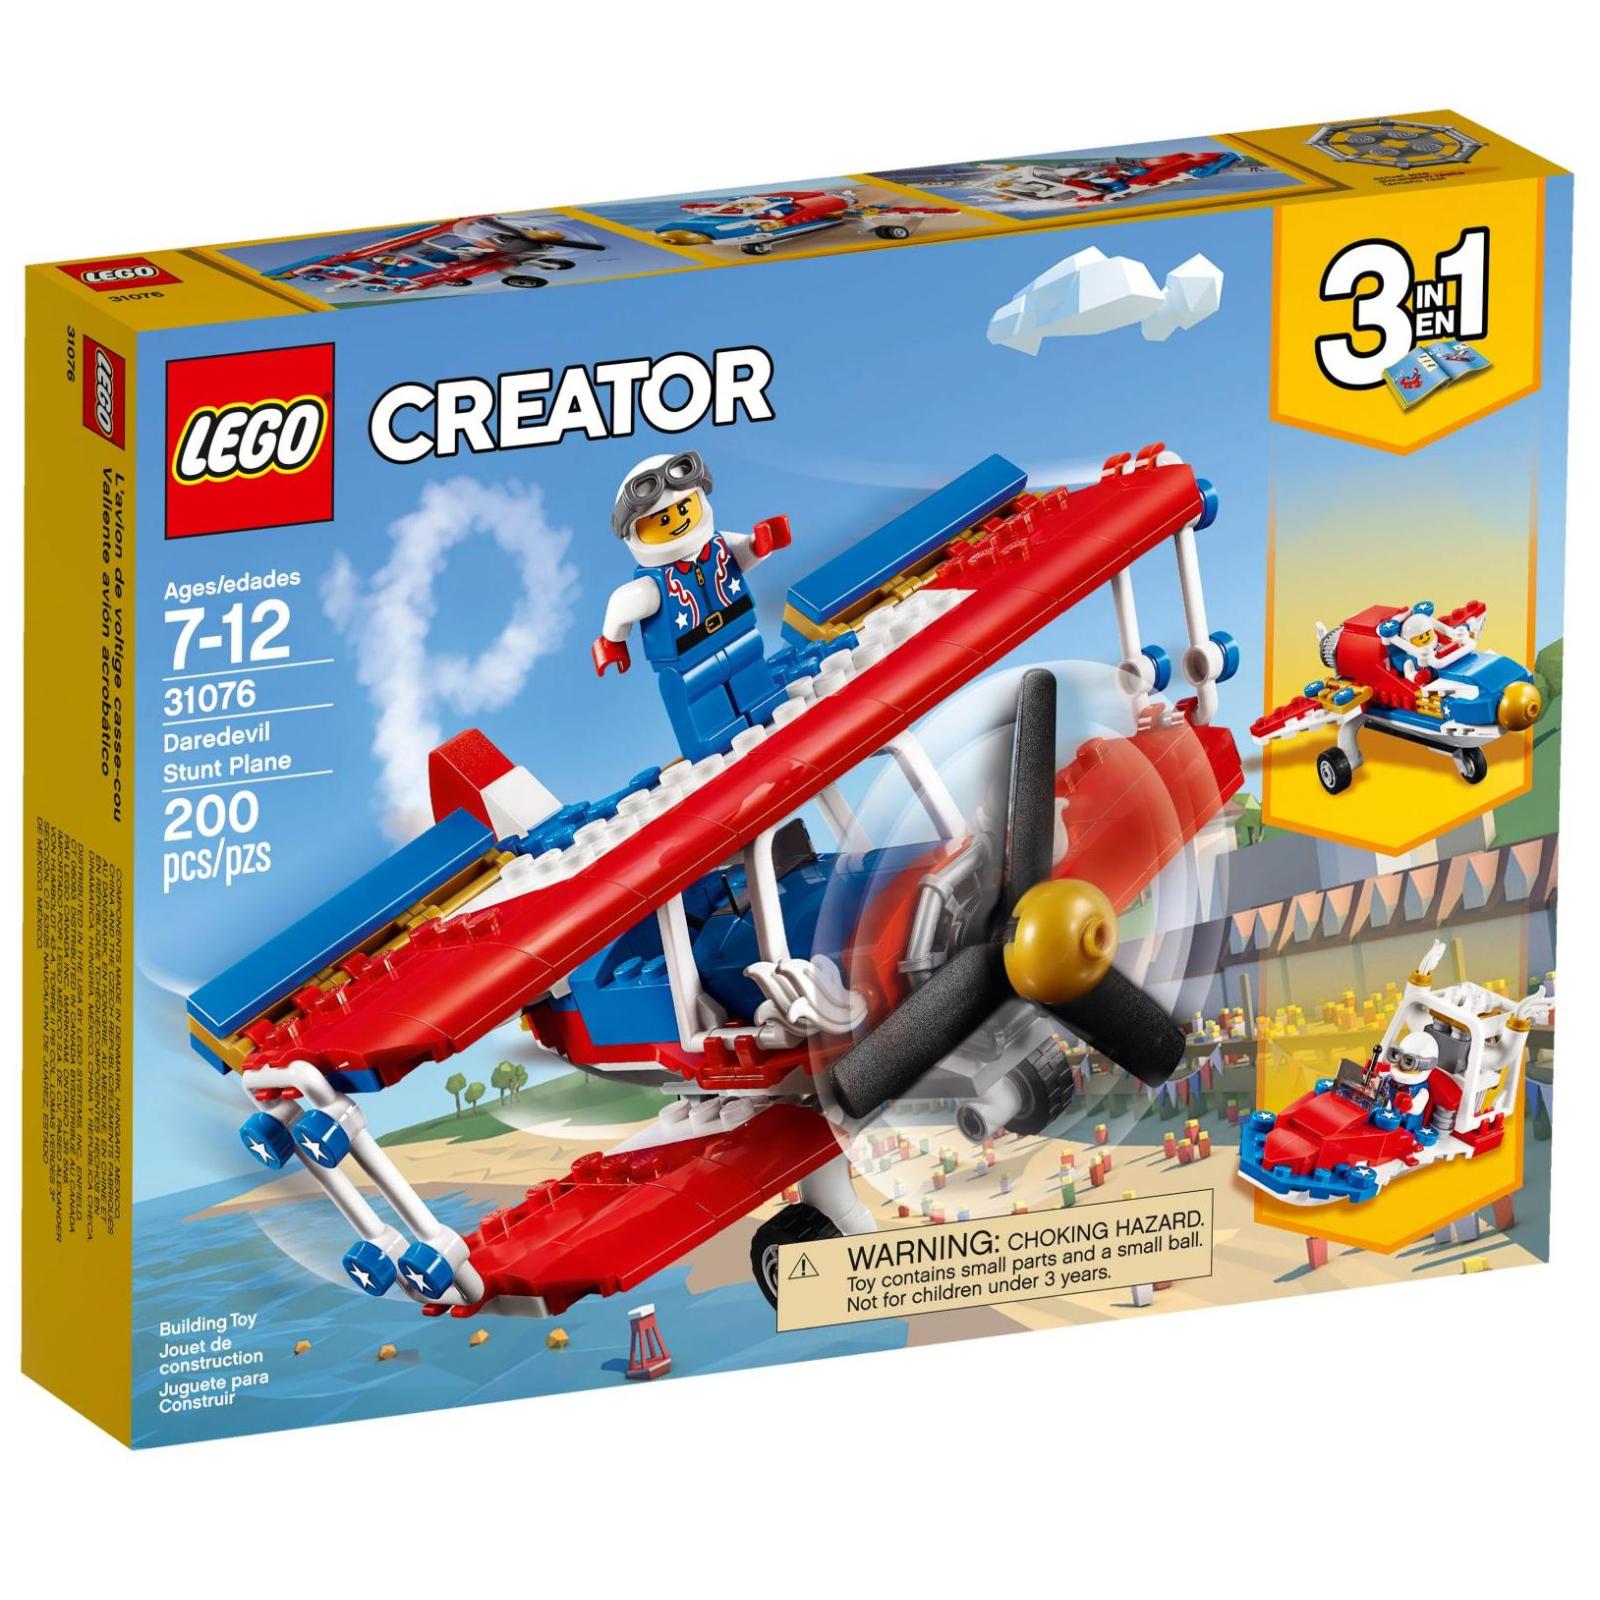 Конструктор LEGO Creator Бесстрашный самолет высшего пилотажа (31076)